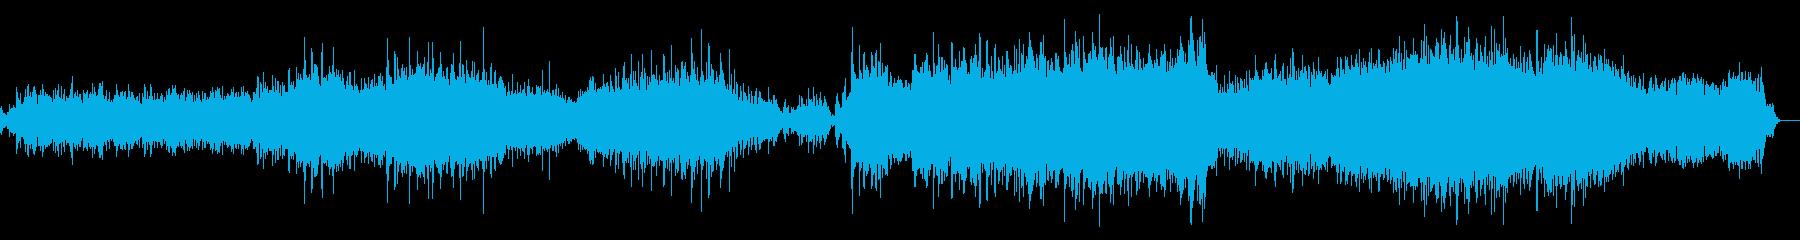 水音をコラージュしたアンビエント音楽の再生済みの波形